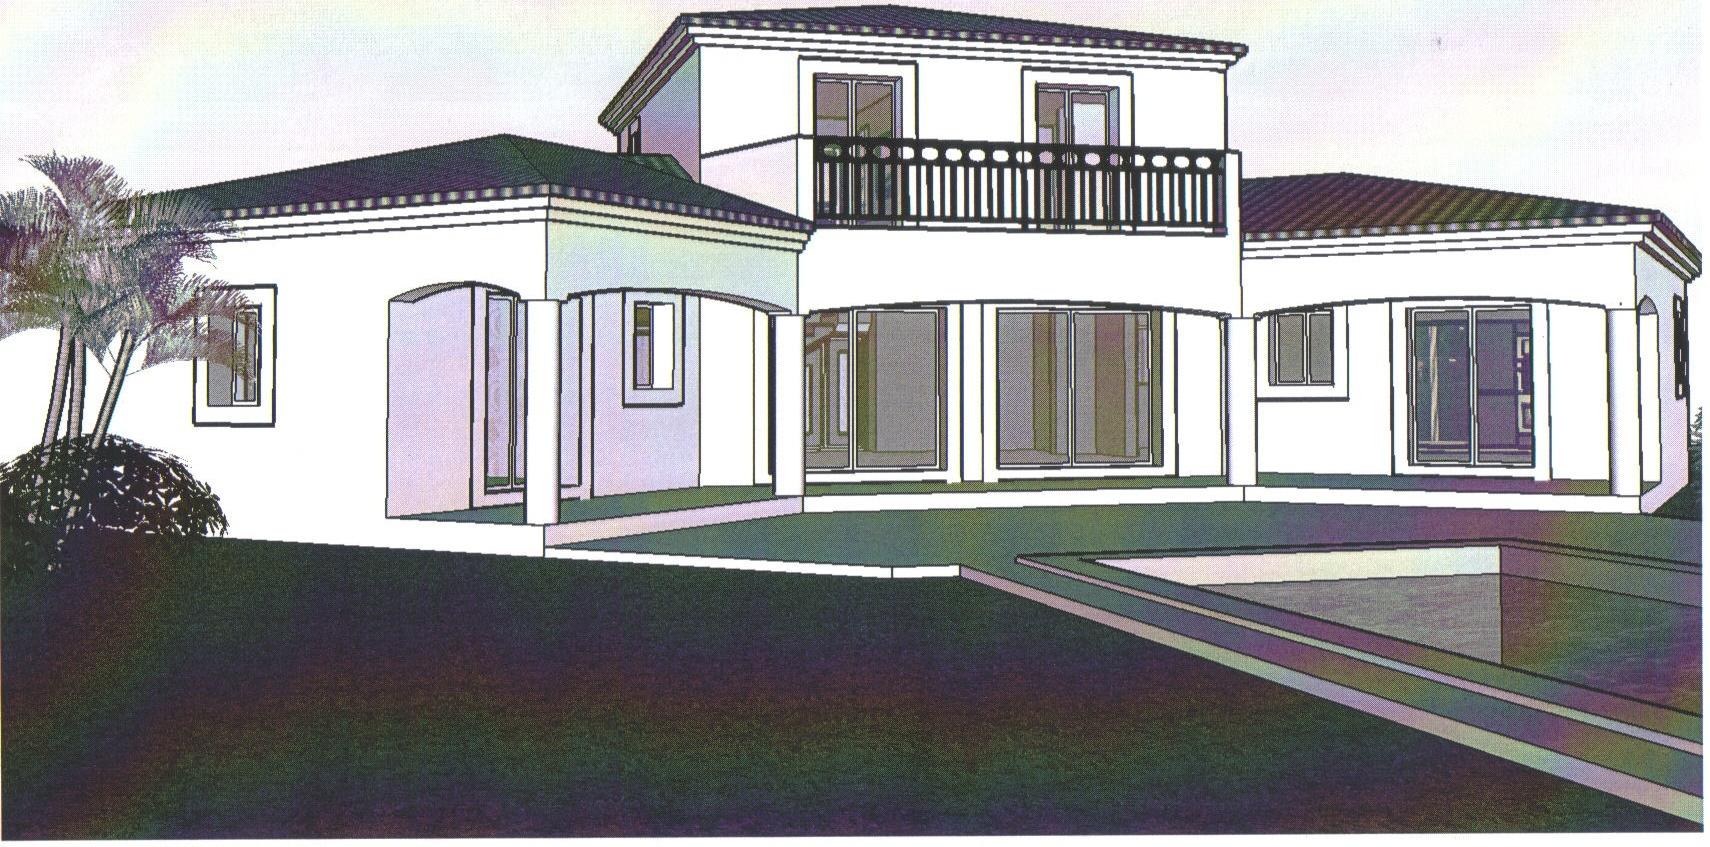 Maison d architecte d finition segu maison - Logiciel plan maison 2d ...